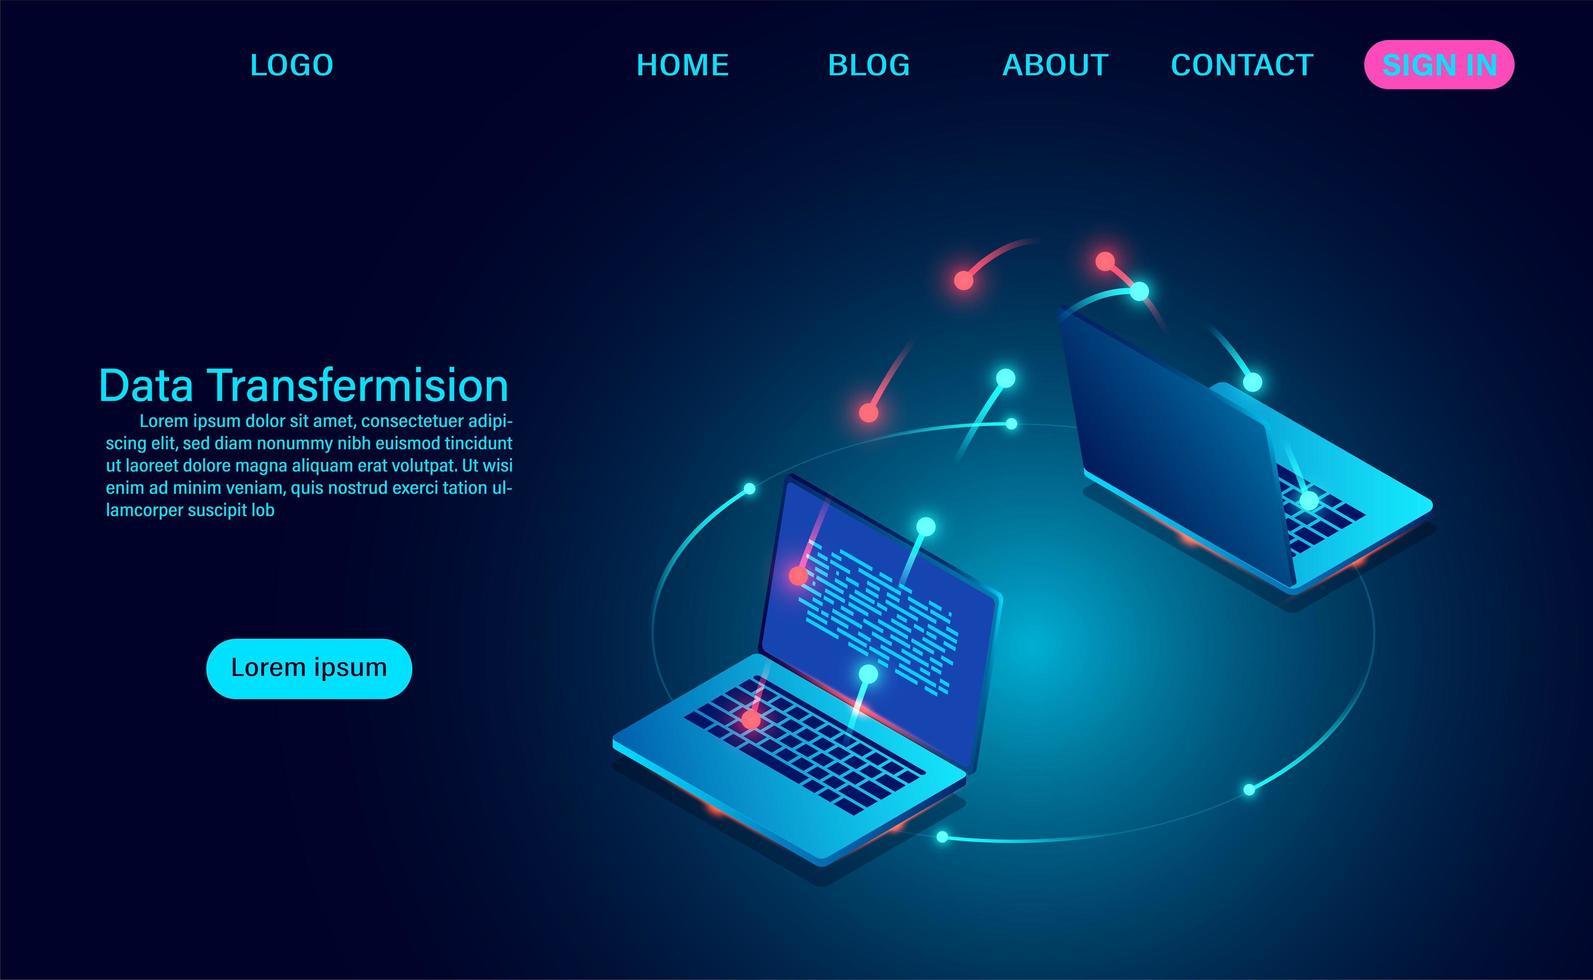 gegevensoverdracht en uitwisseling tussen laptops vector